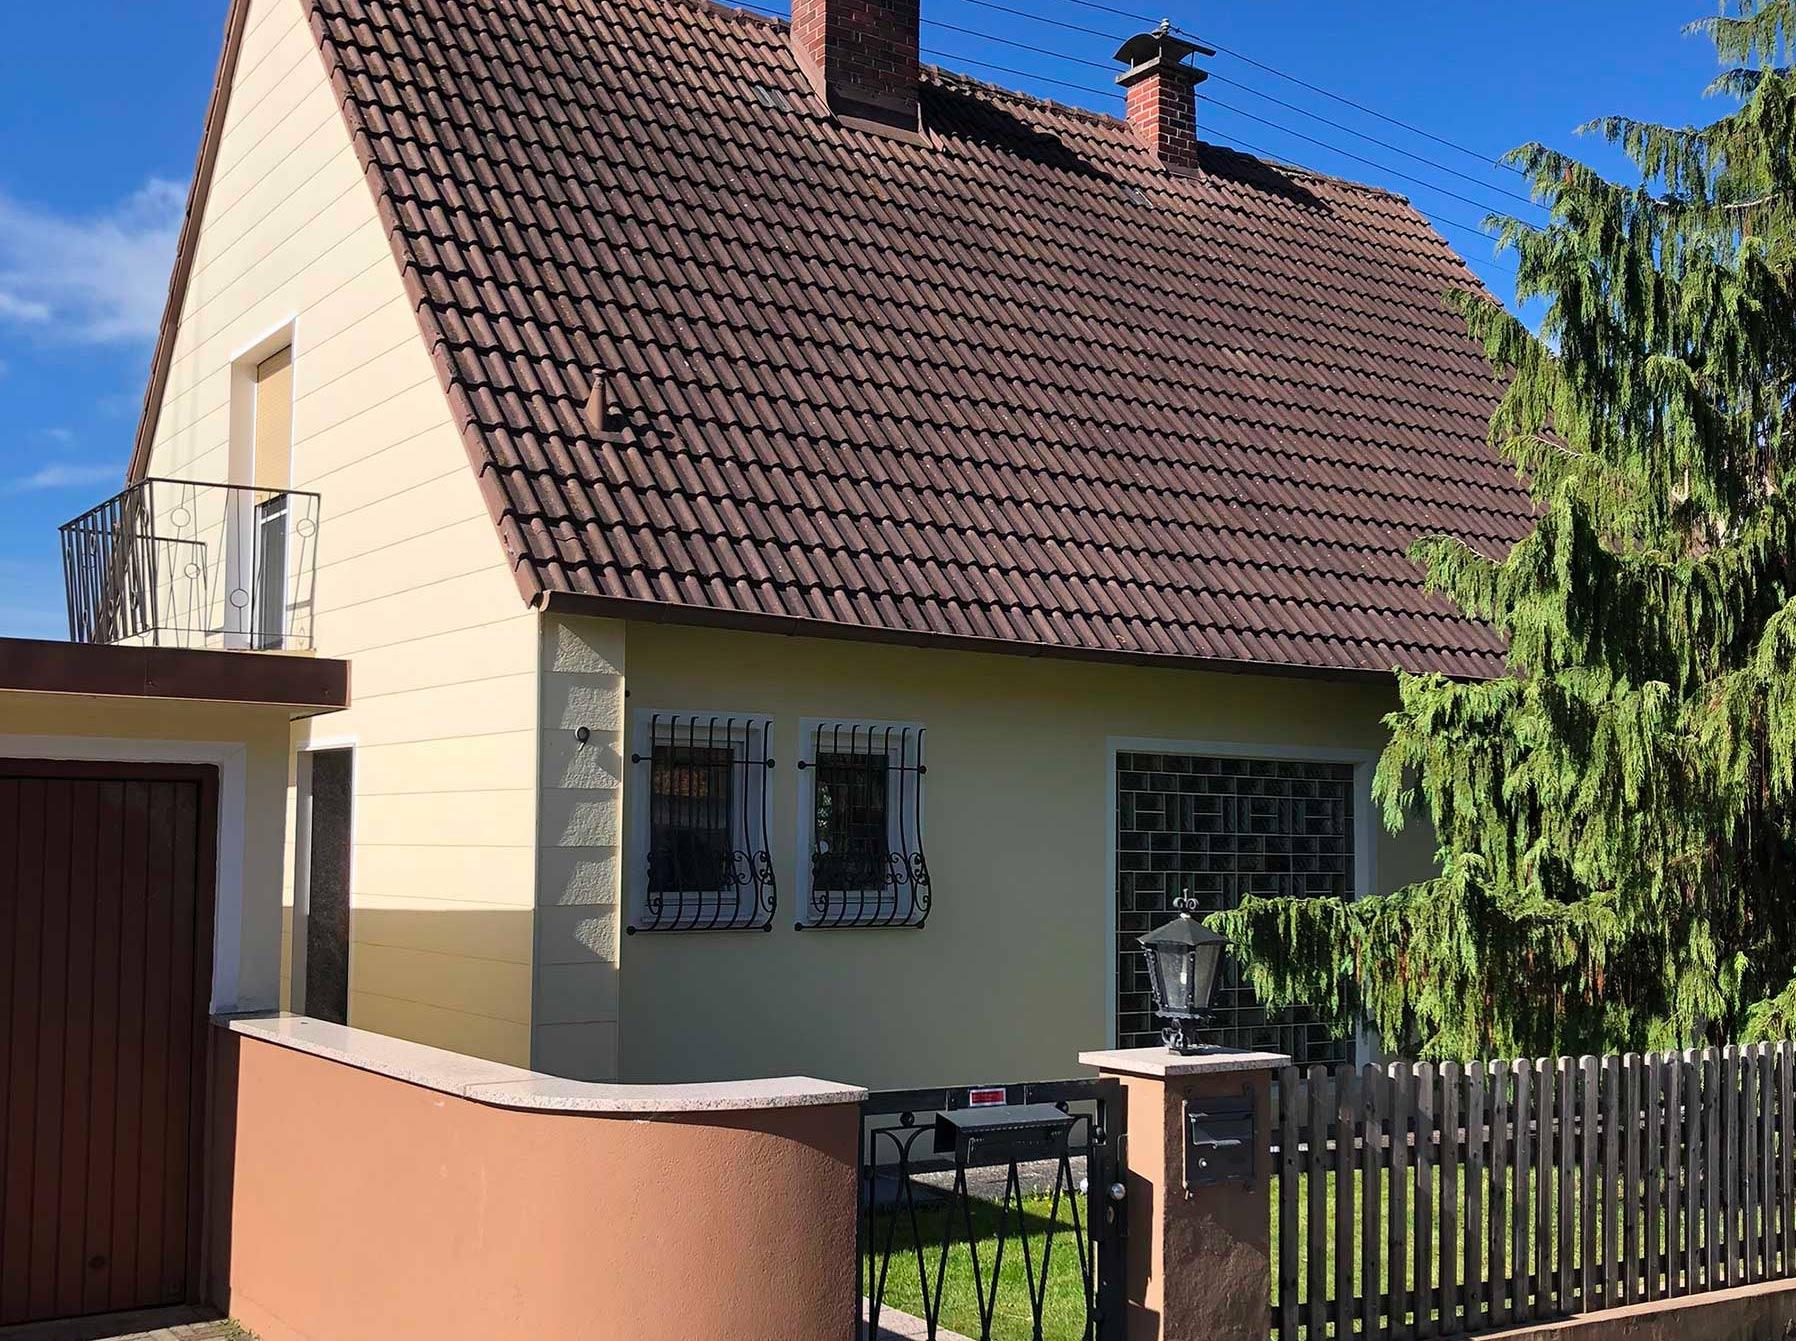 Einfamilienhaus Dinkelscherben 2020 verkauft